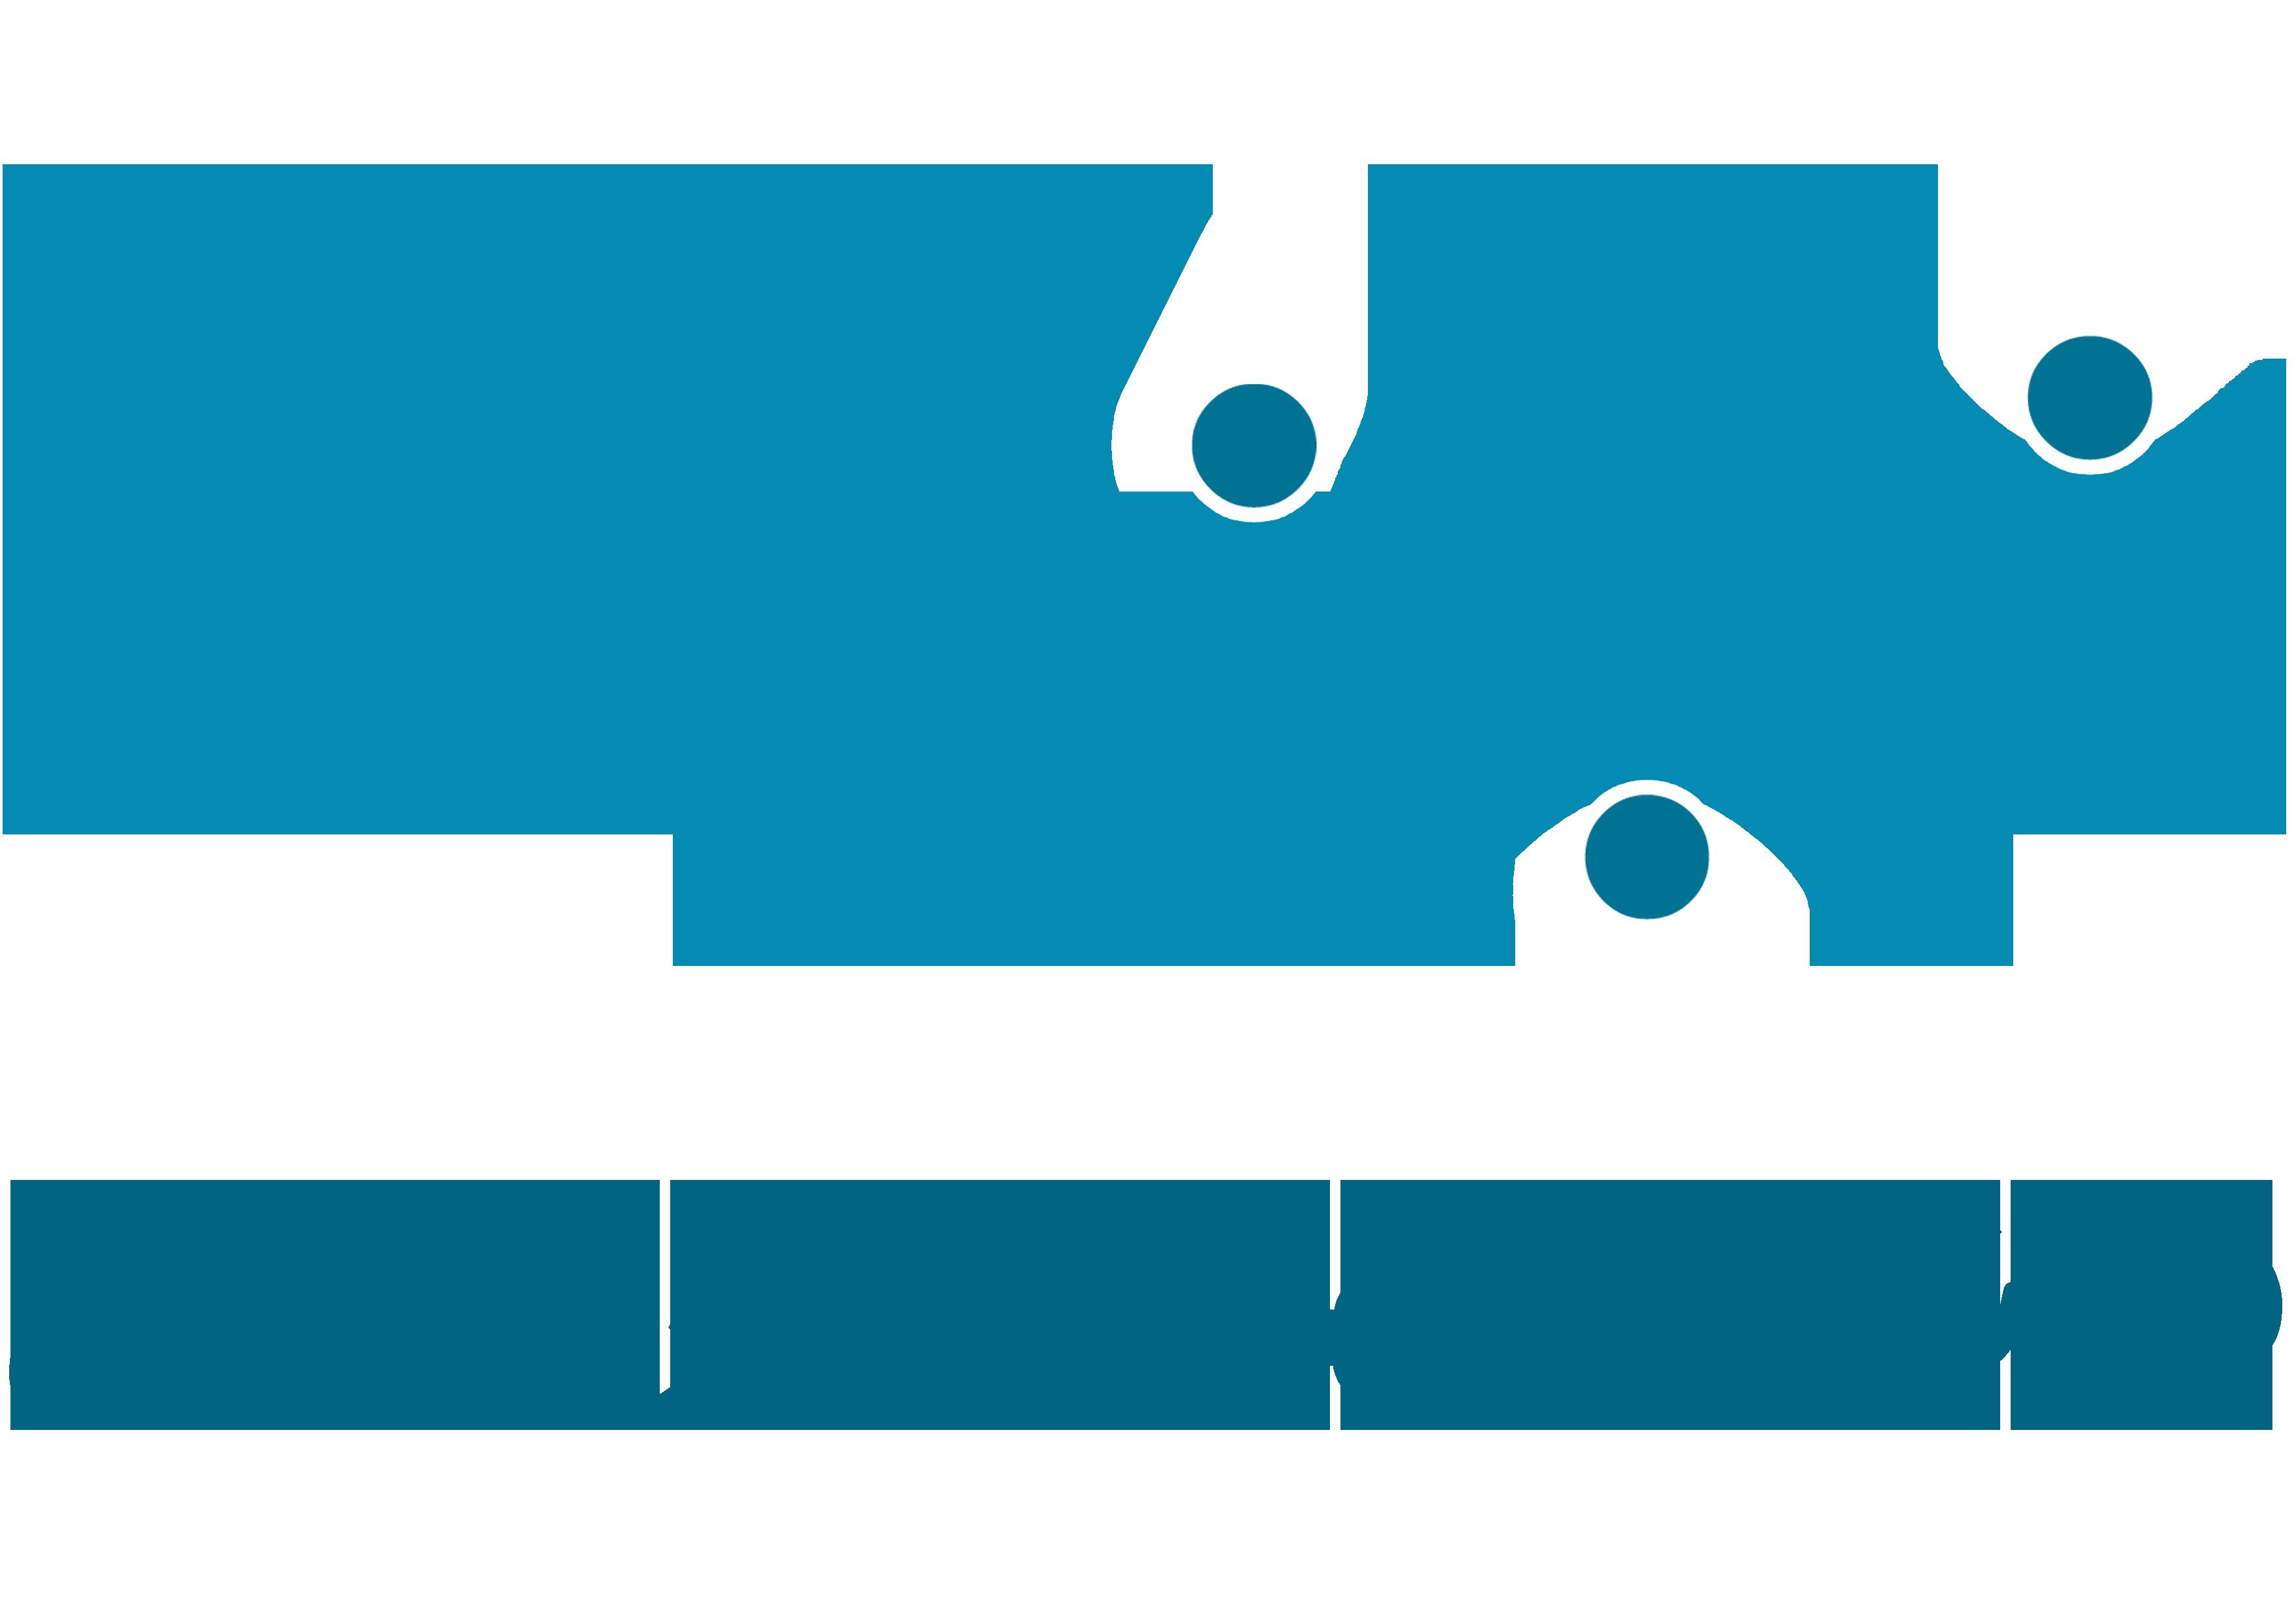 خبرنامه دانشگاه شهید باهنر کرمان